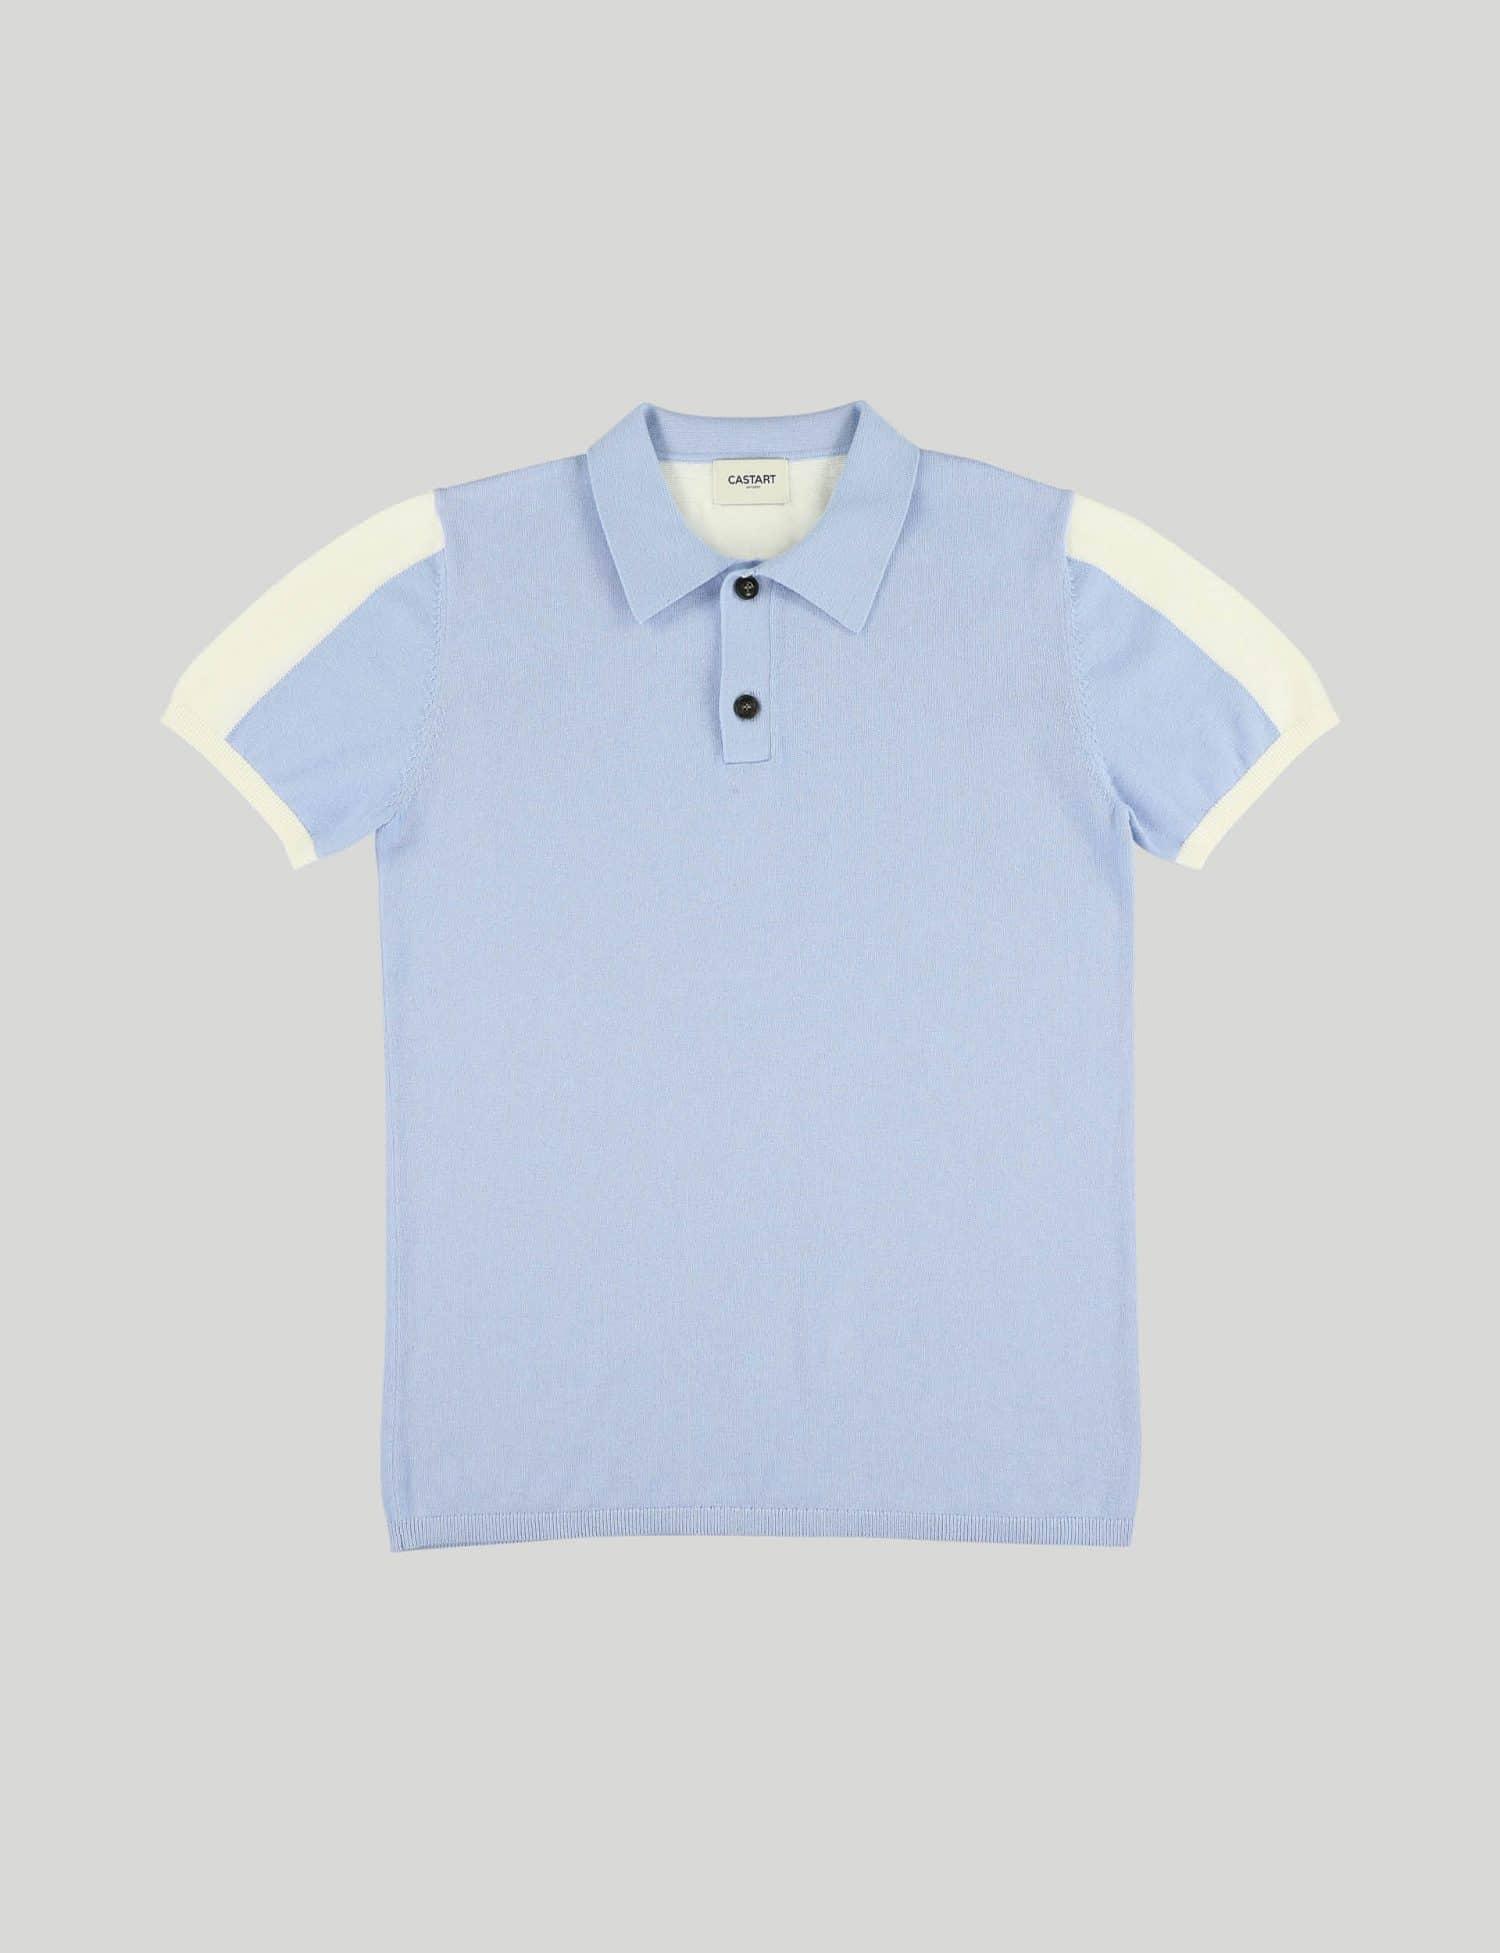 Castart - Topolino knitwear - Light Blue